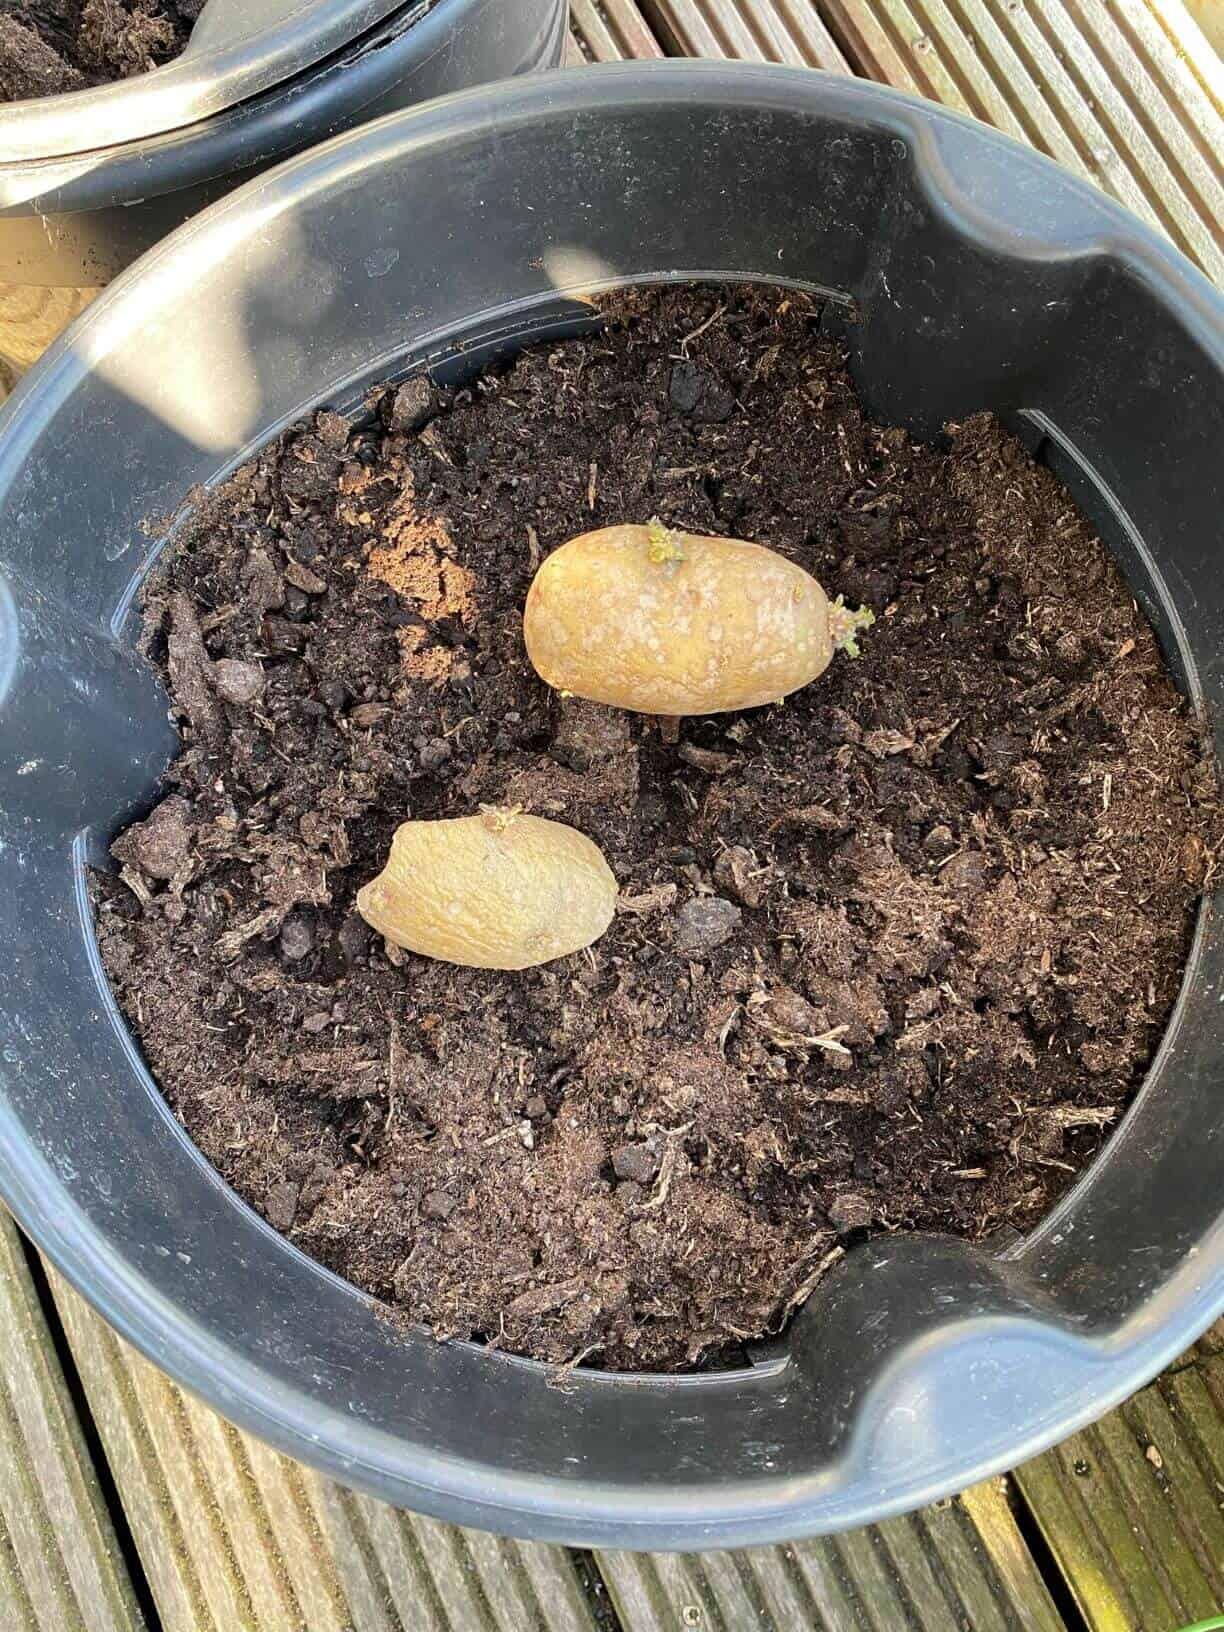 De her spirende kartofler skulle gerne blive til flere